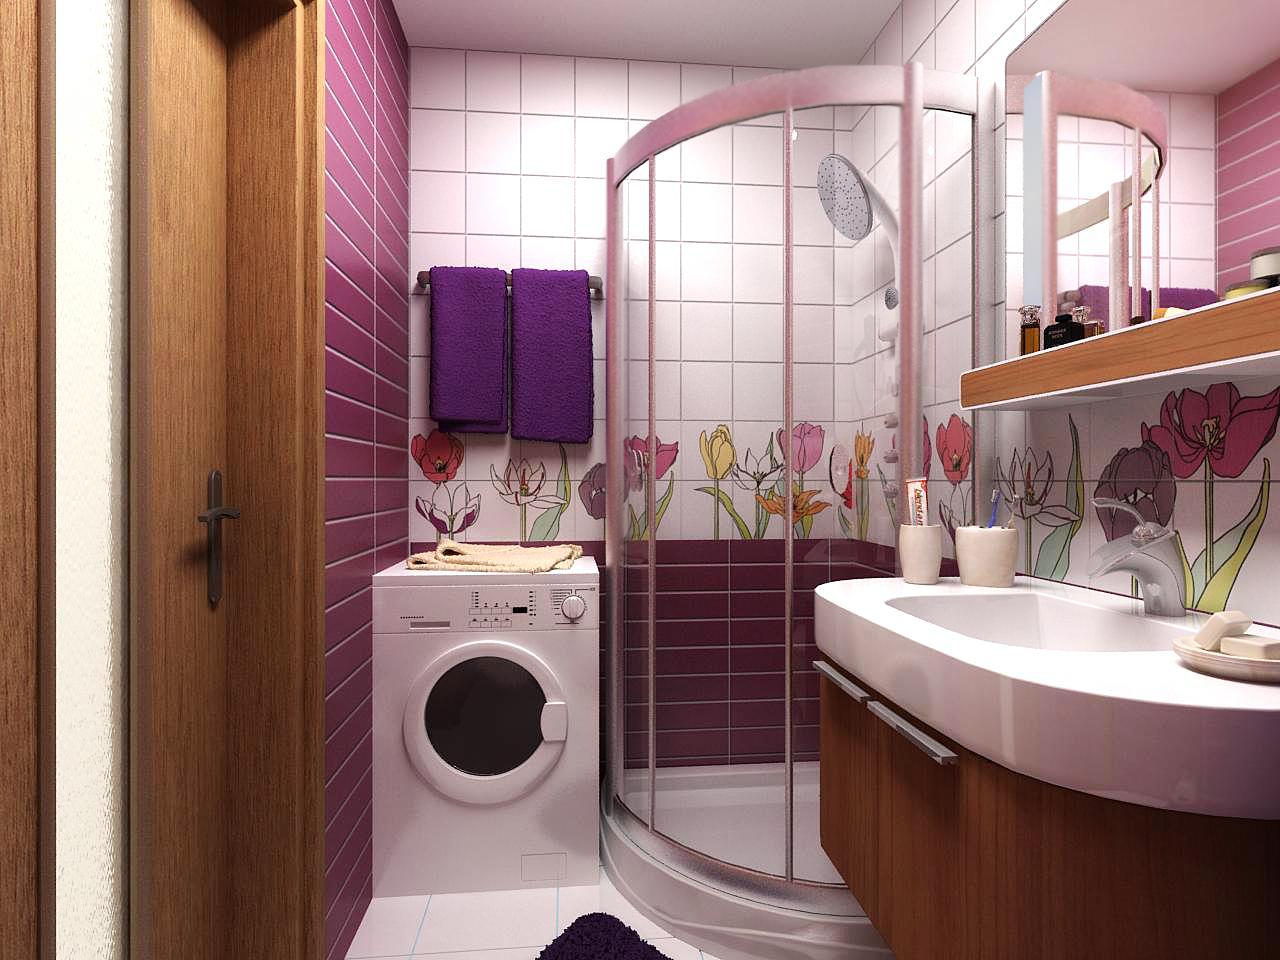 Дизайн ванной комнаты совмещенной с душевой кабиной